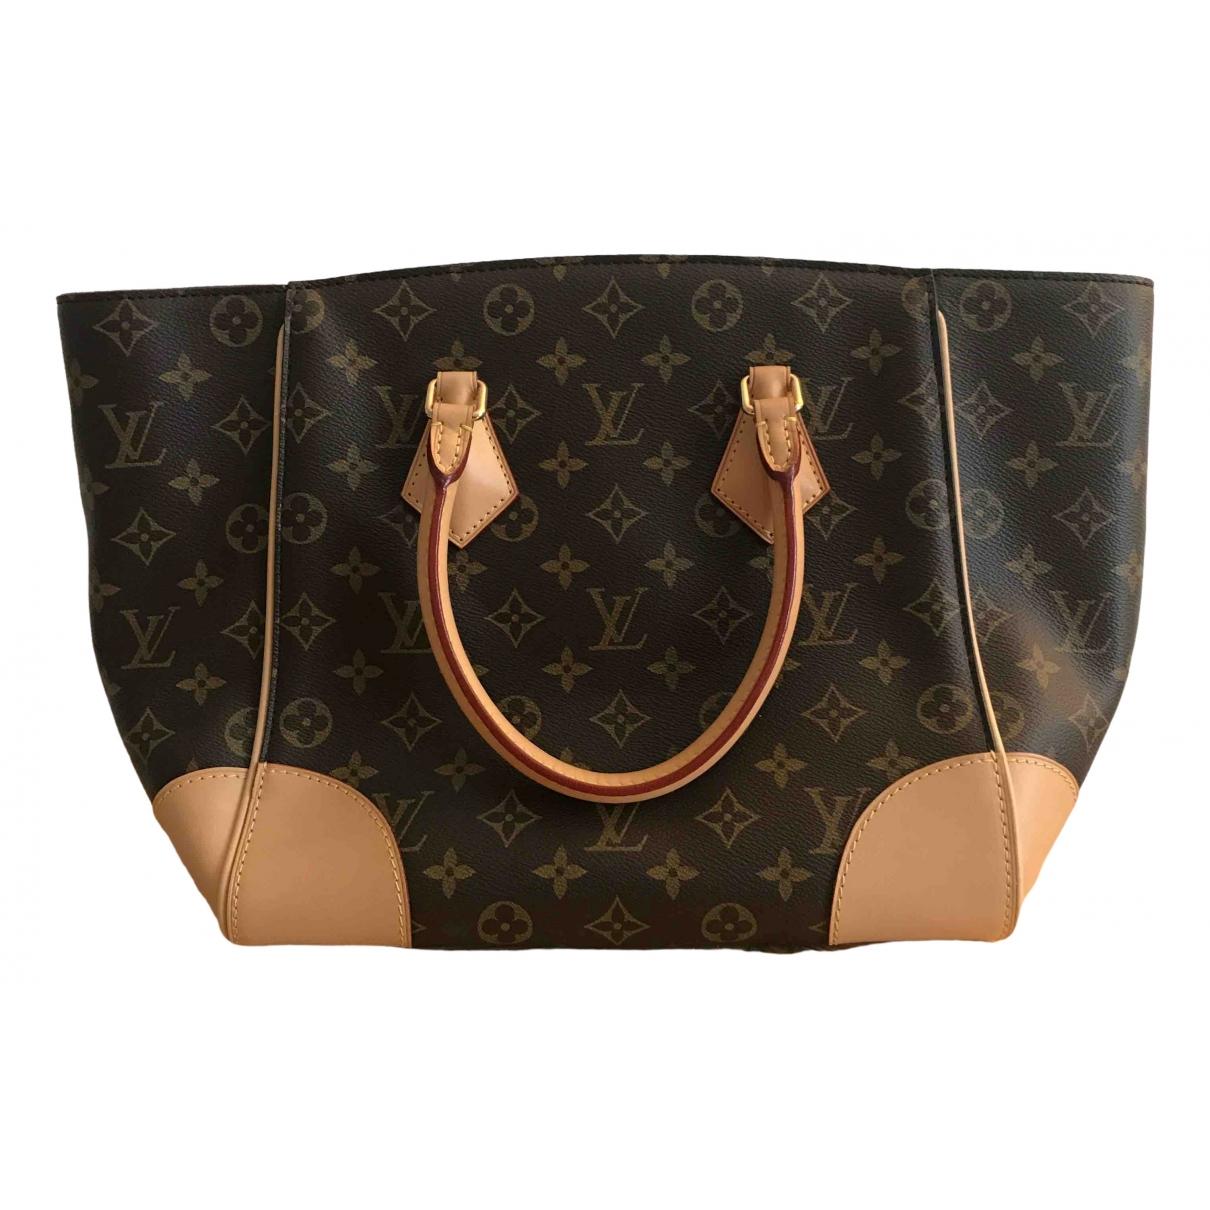 Louis Vuitton - Sac a main Phenix pour femme en toile - camel